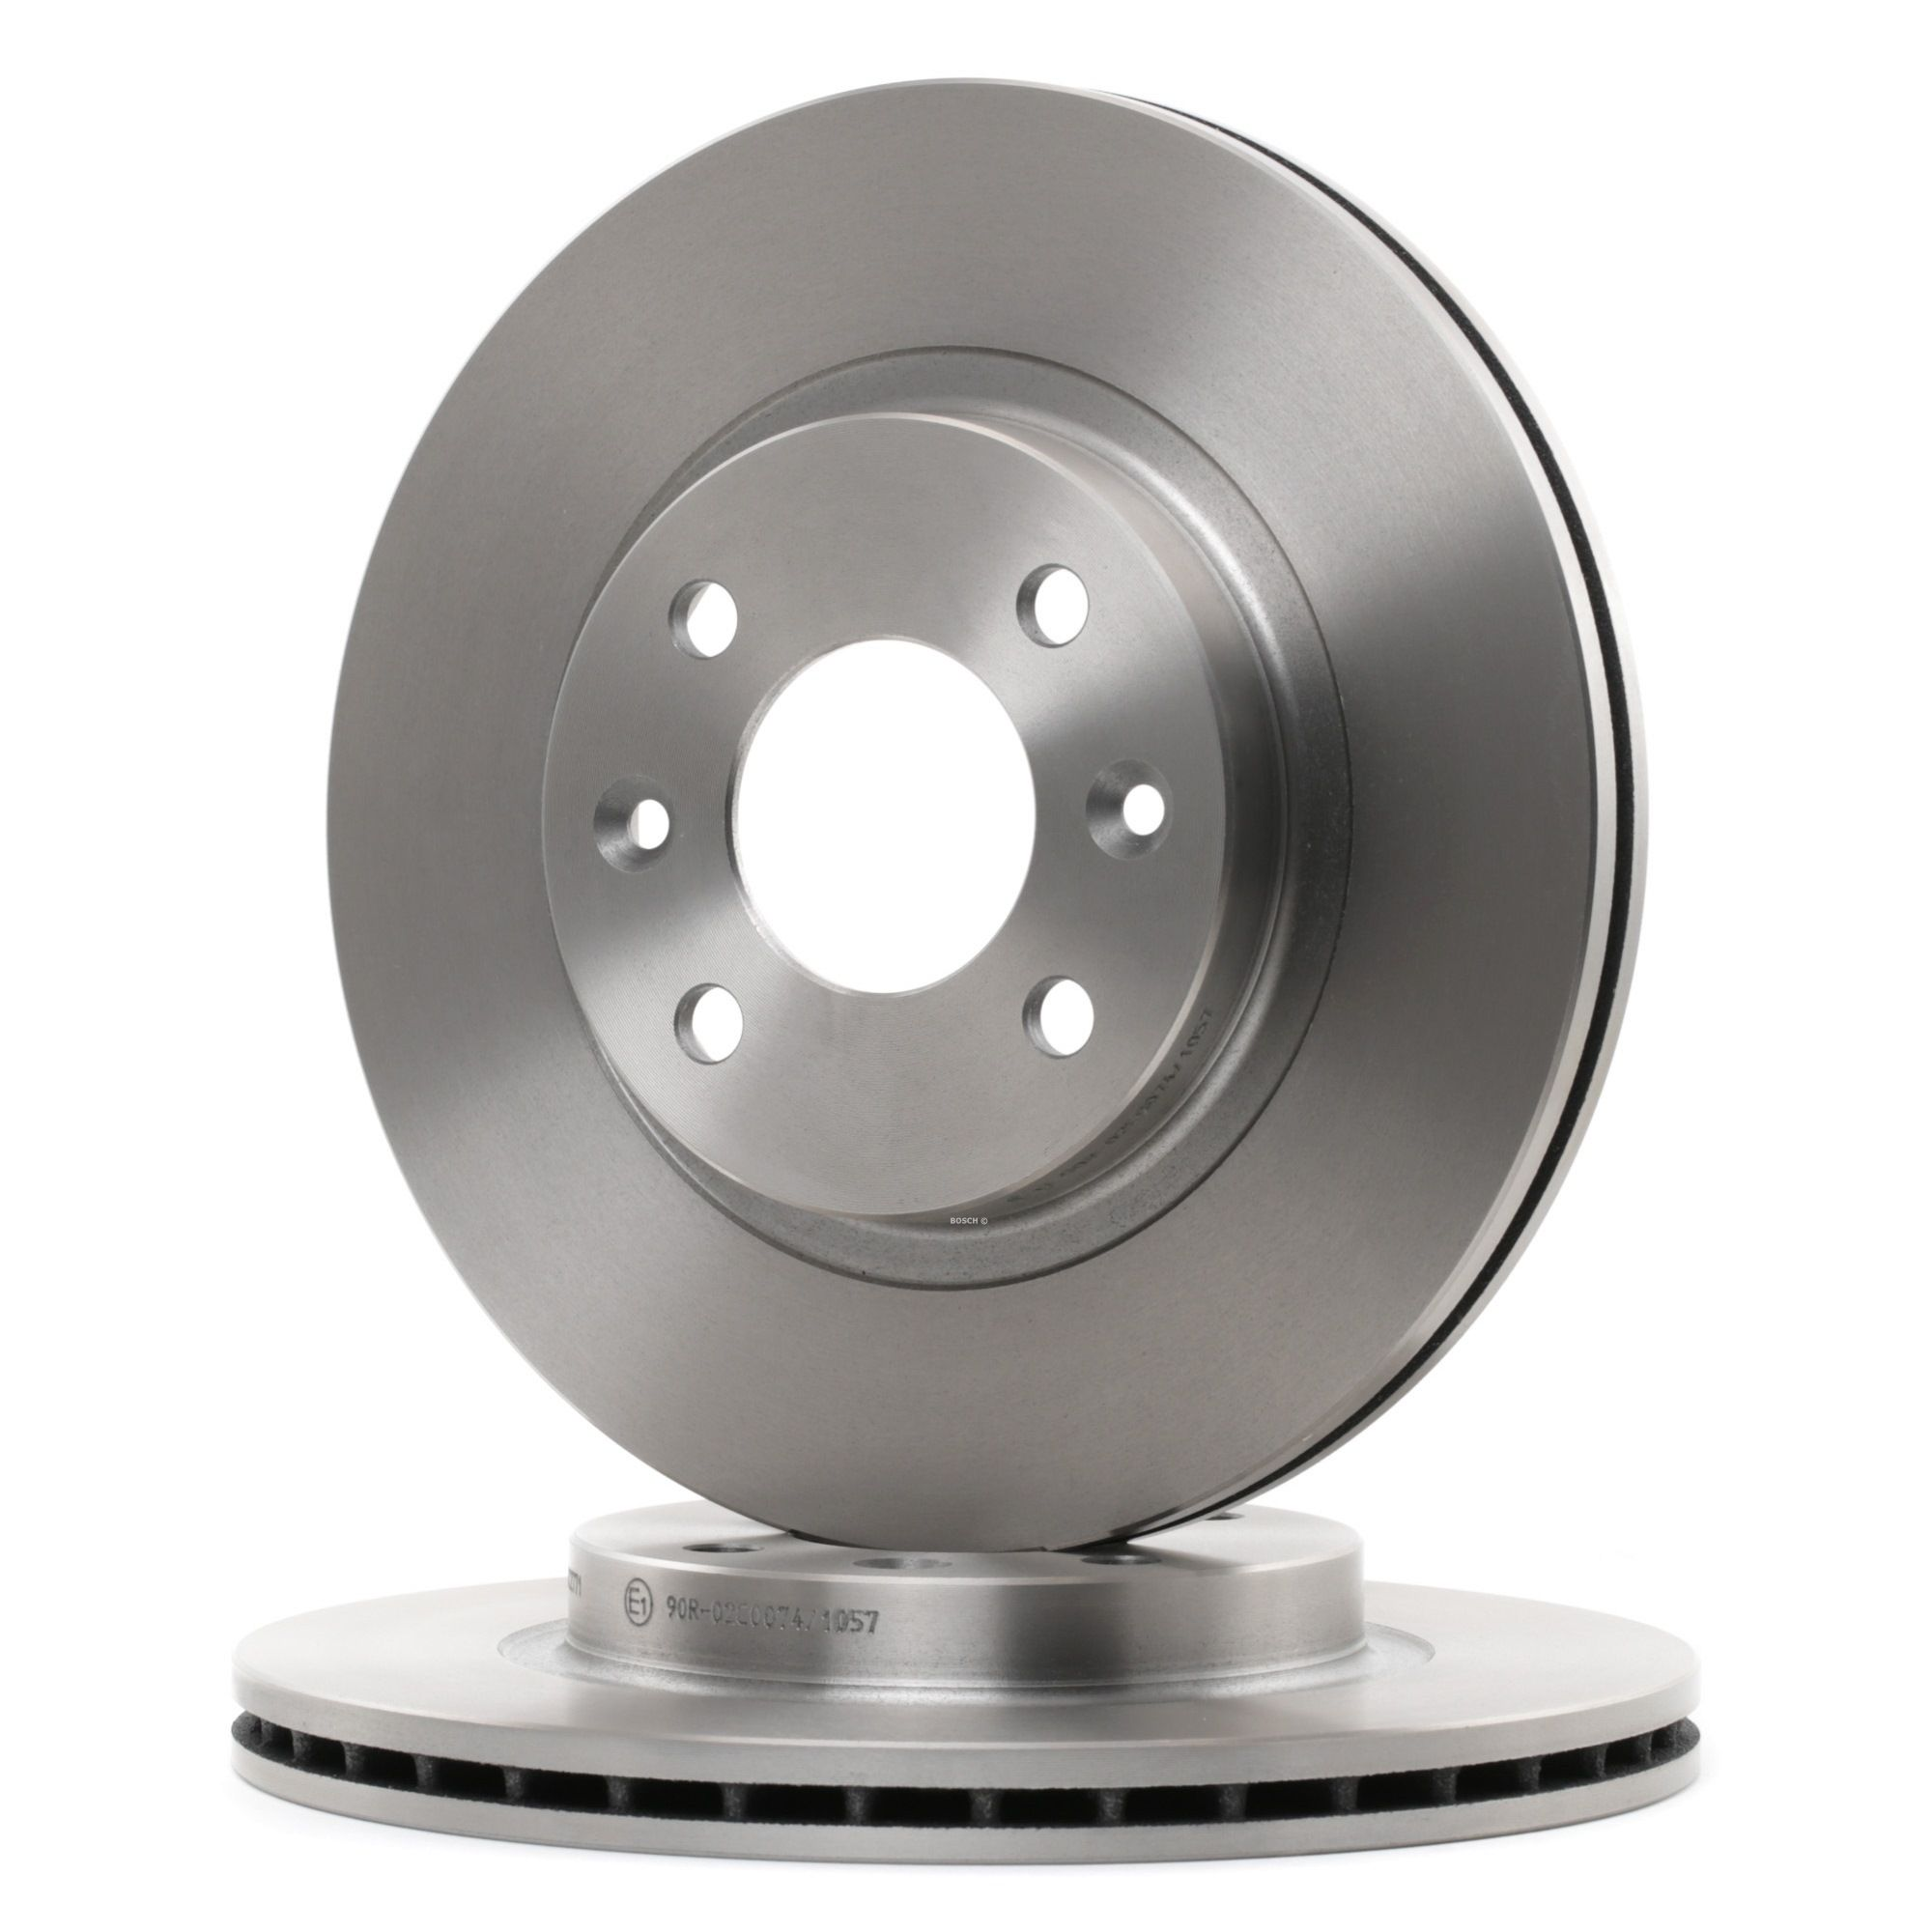 Pirkti E190R02C03490071 BOSCH ventiliuojama, vidinis ventiliavimas, padengta alyva, su varžtais Ø: 258,7mm, angų skaičius: 4, stabdžių disko storis: 20,5mm Stabdžių diskas 0 986 478 124 nebrangu